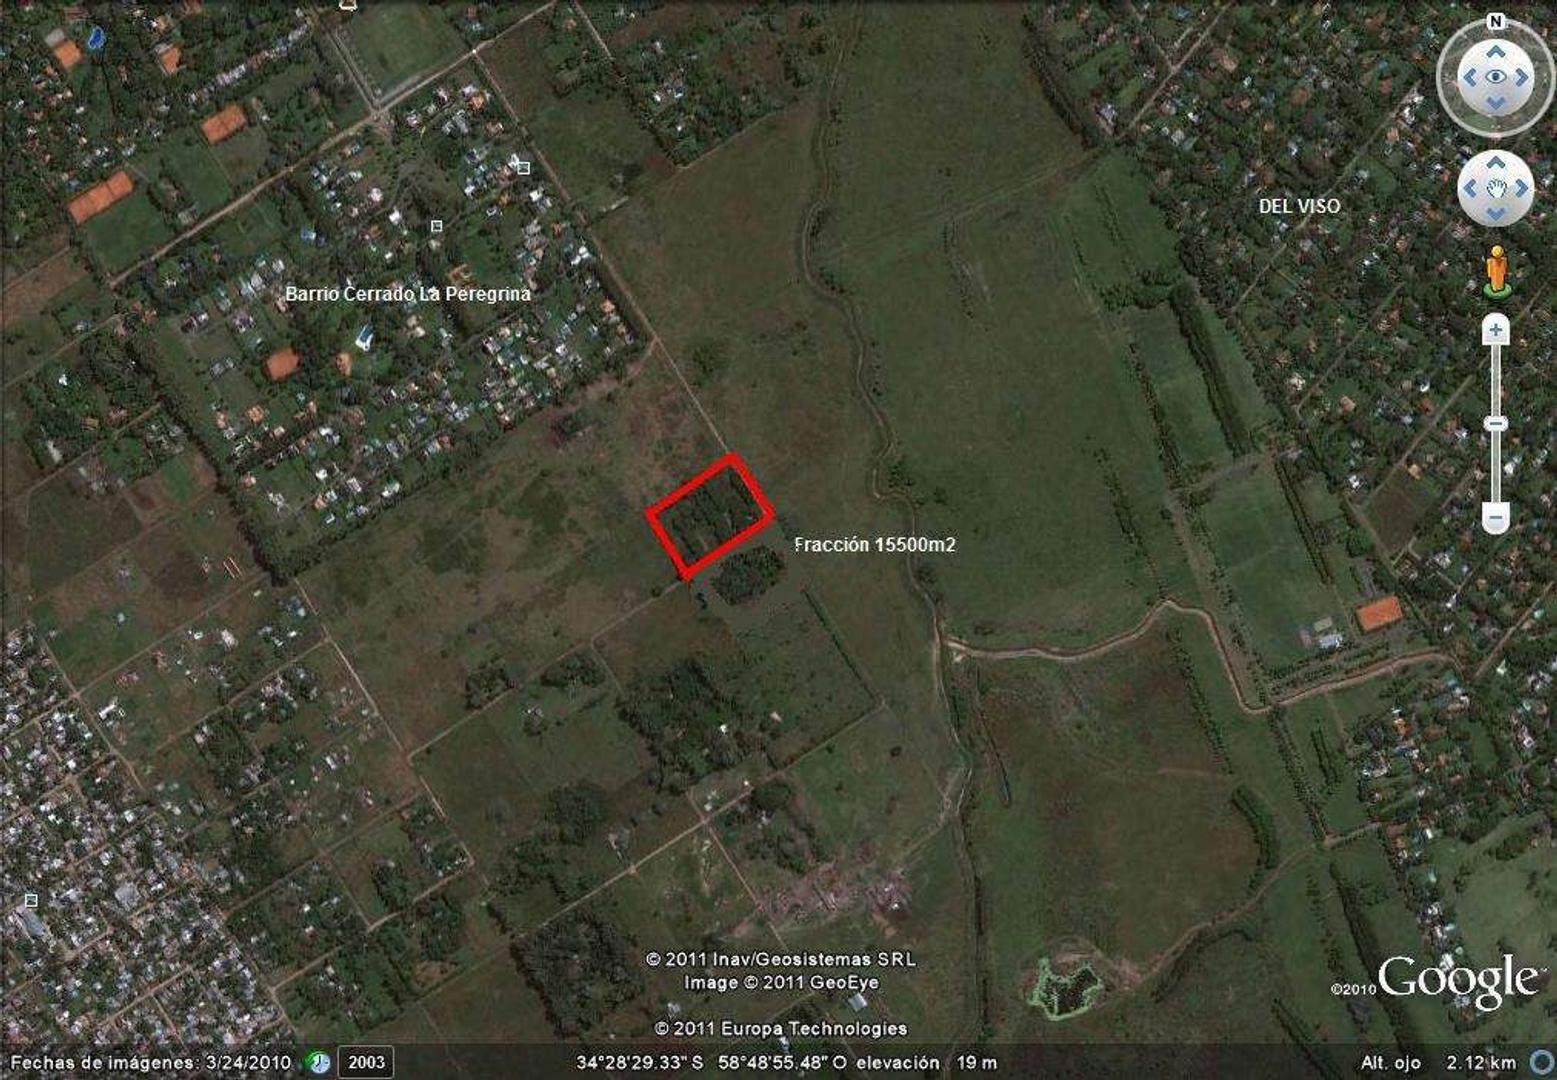 Terreno Fraccion  en Venta ubicado en Pilar, Pilar y Alrededores - PIL2762_LP17462